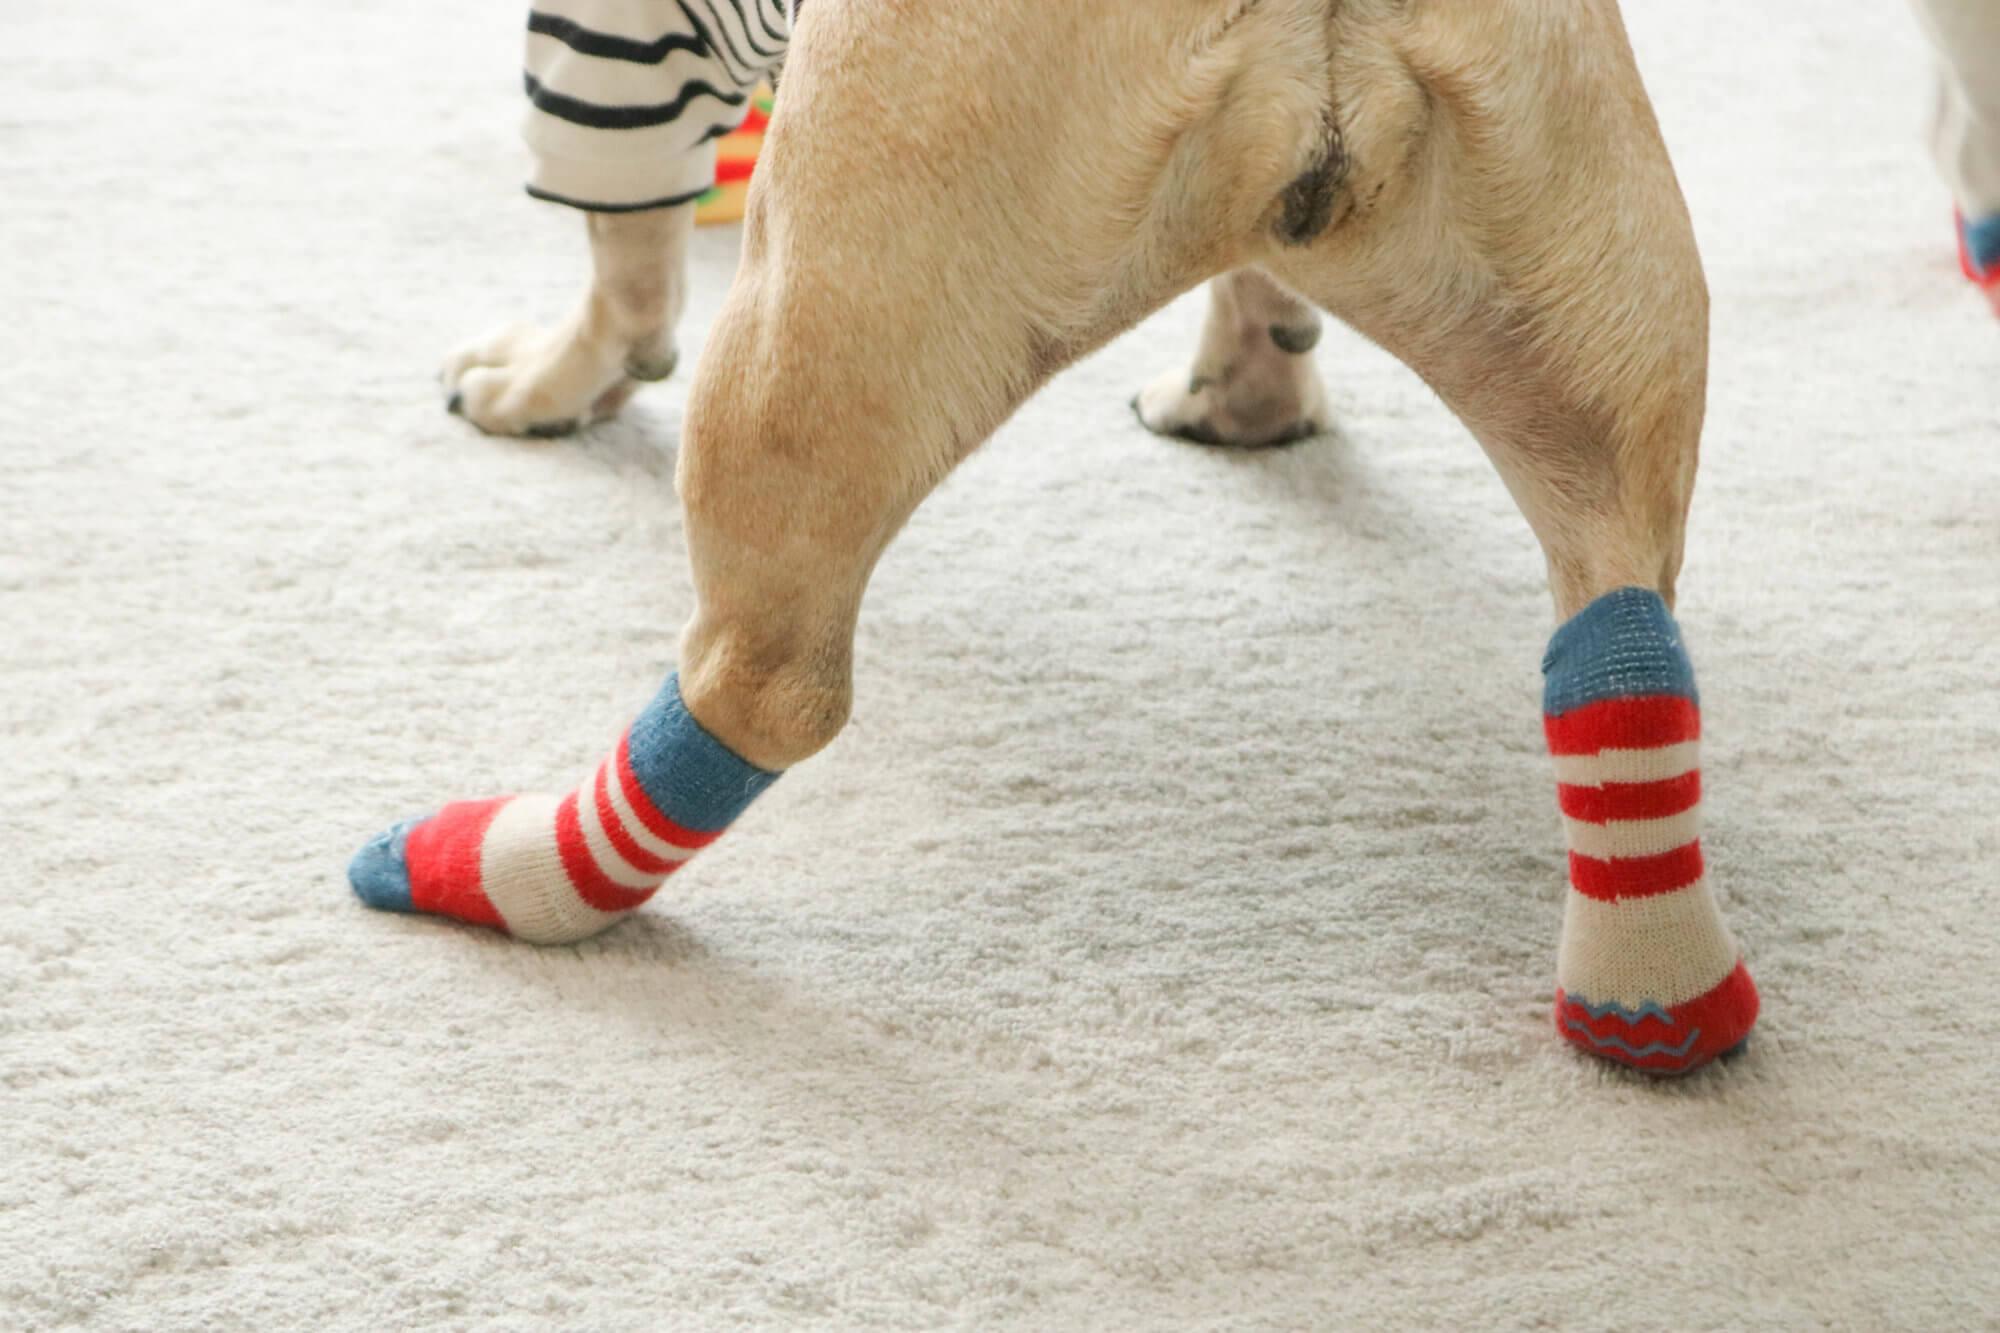 フレンチブルドッグ犬の靴下